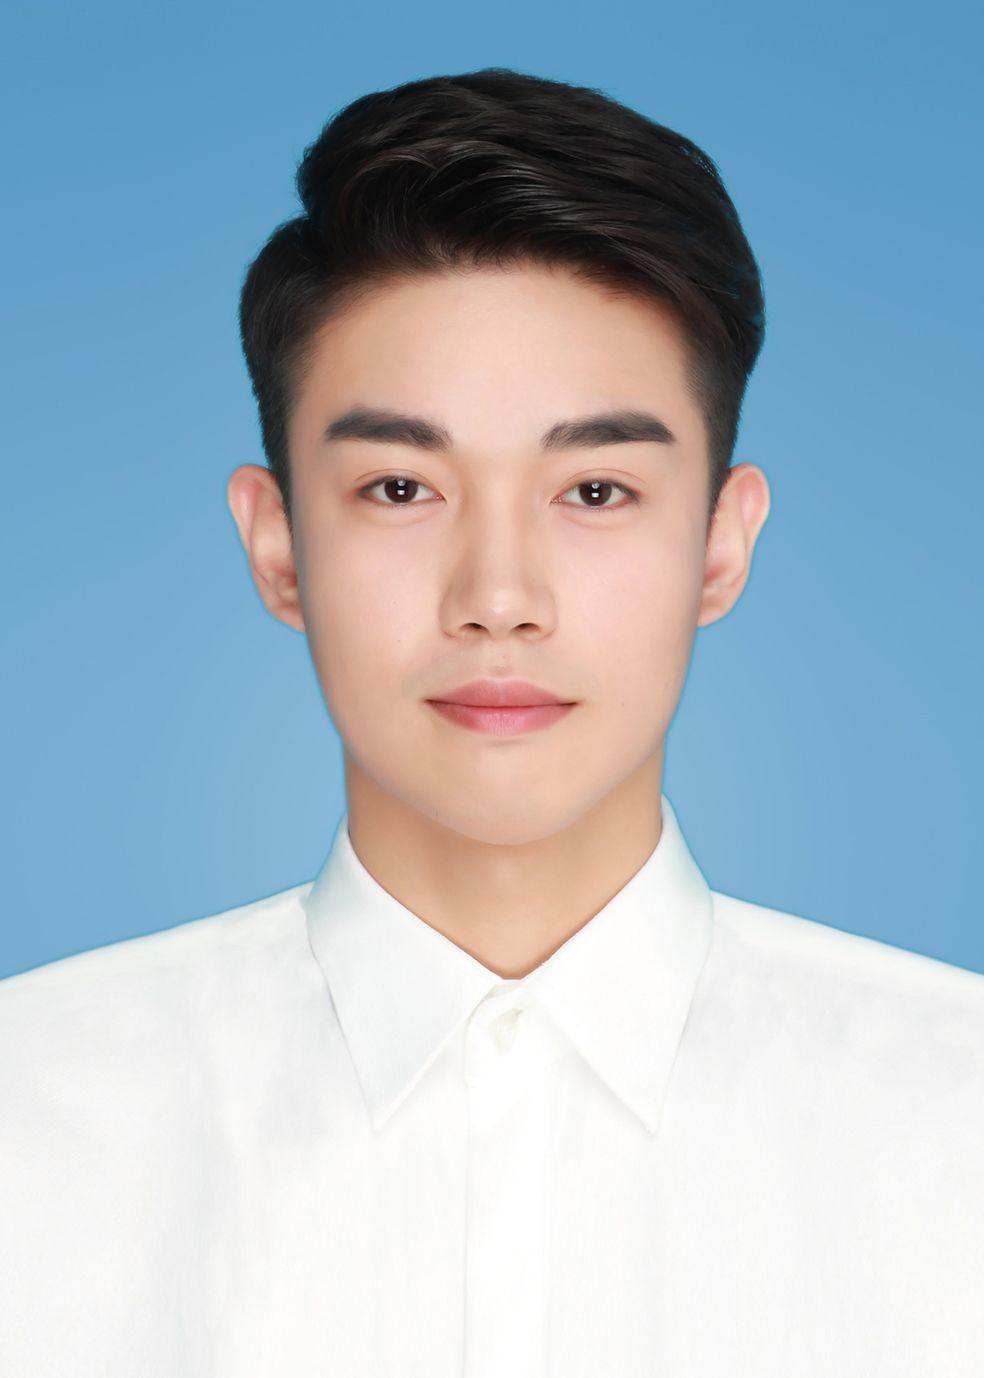 王小明 单科奖学金 总分:272分 奖学金:2000元